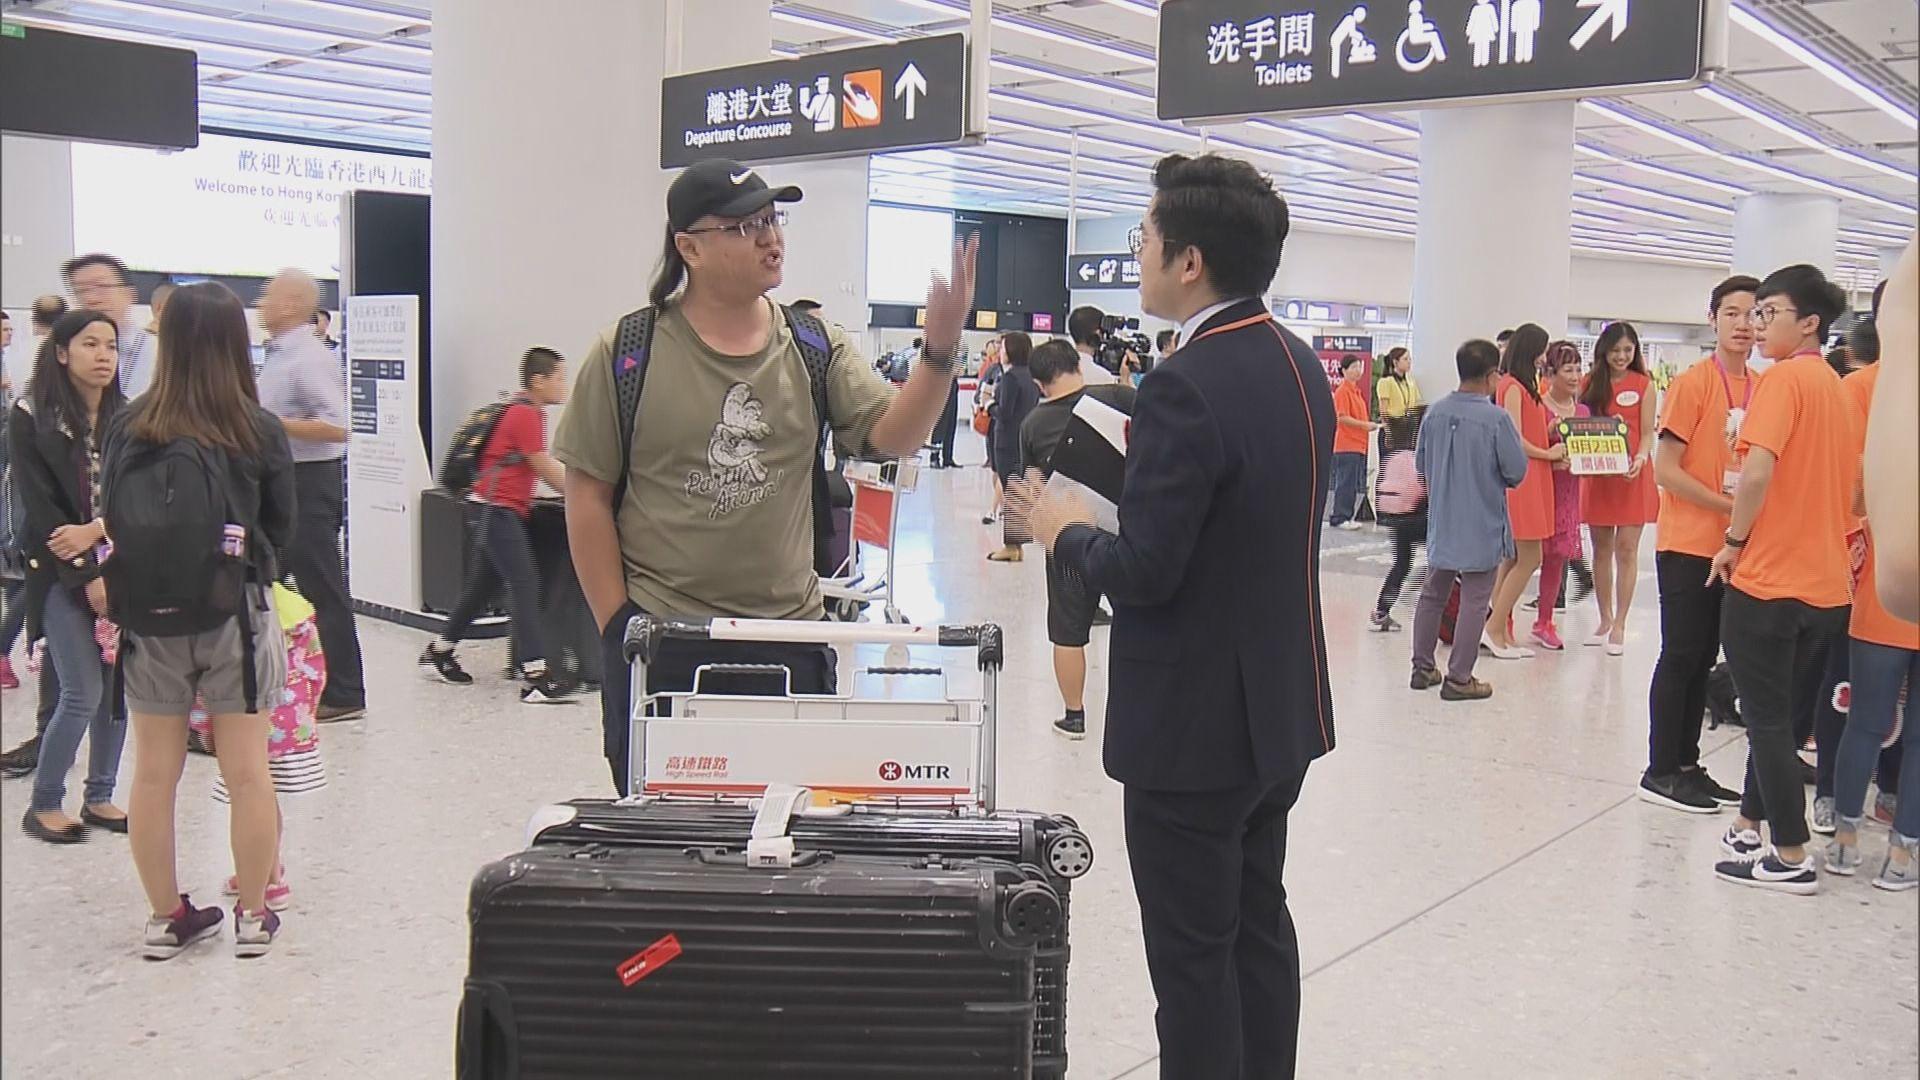 高鐵香港段正式營運 有乘客行李過大未能入閘